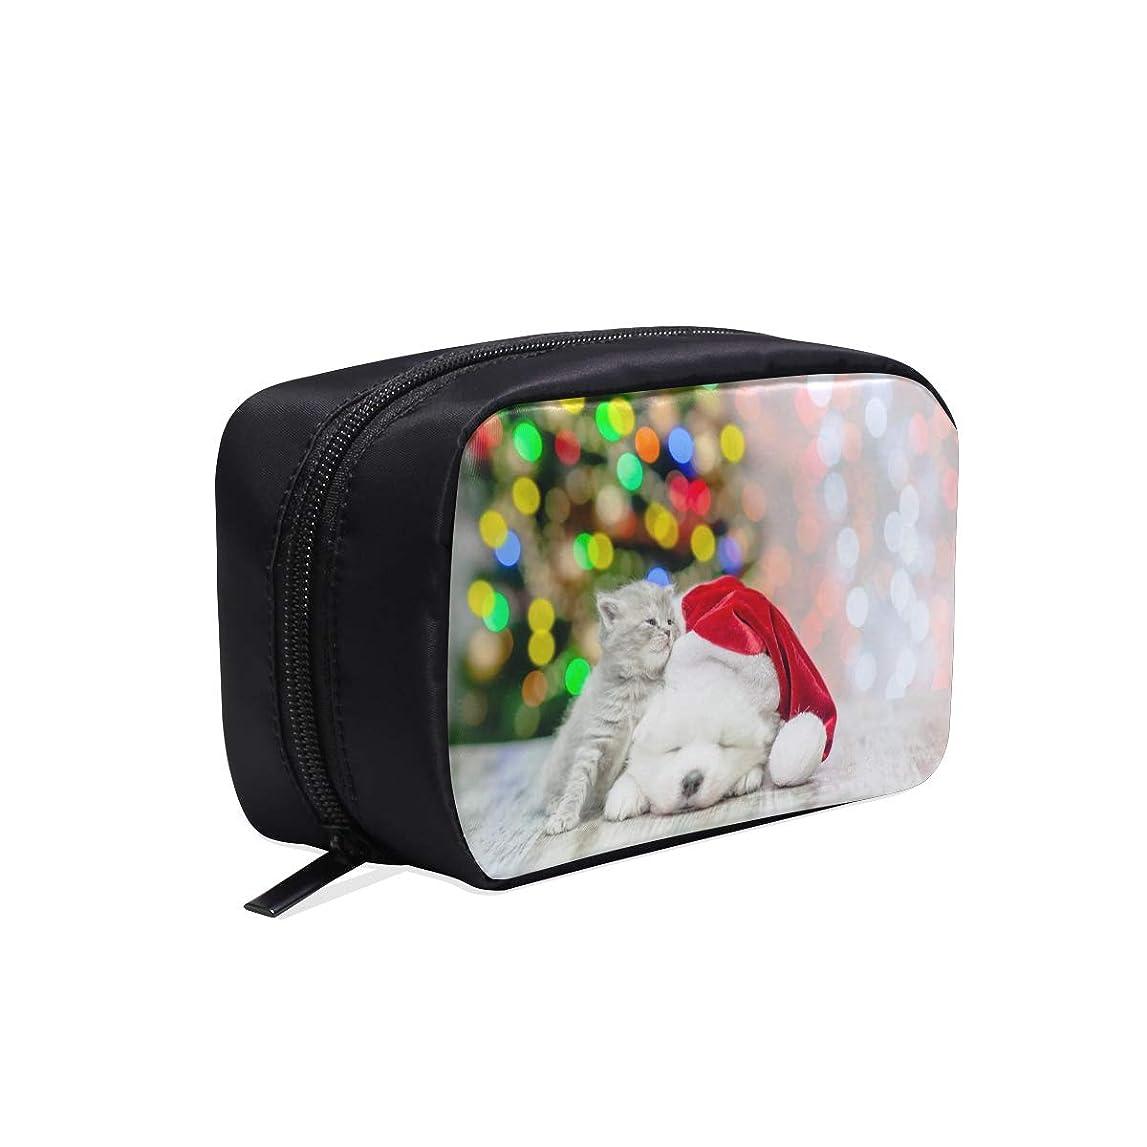 クリア弁護士作詞家LKCDNG メイクポーチ 寝ている 犬 猫 ボックス コスメ収納 化粧品収納ケース 大容量 収納 化粧品入れ 化粧バッグ 旅行用 メイクブラシバッグ 化粧箱 持ち運び便利 プロ用